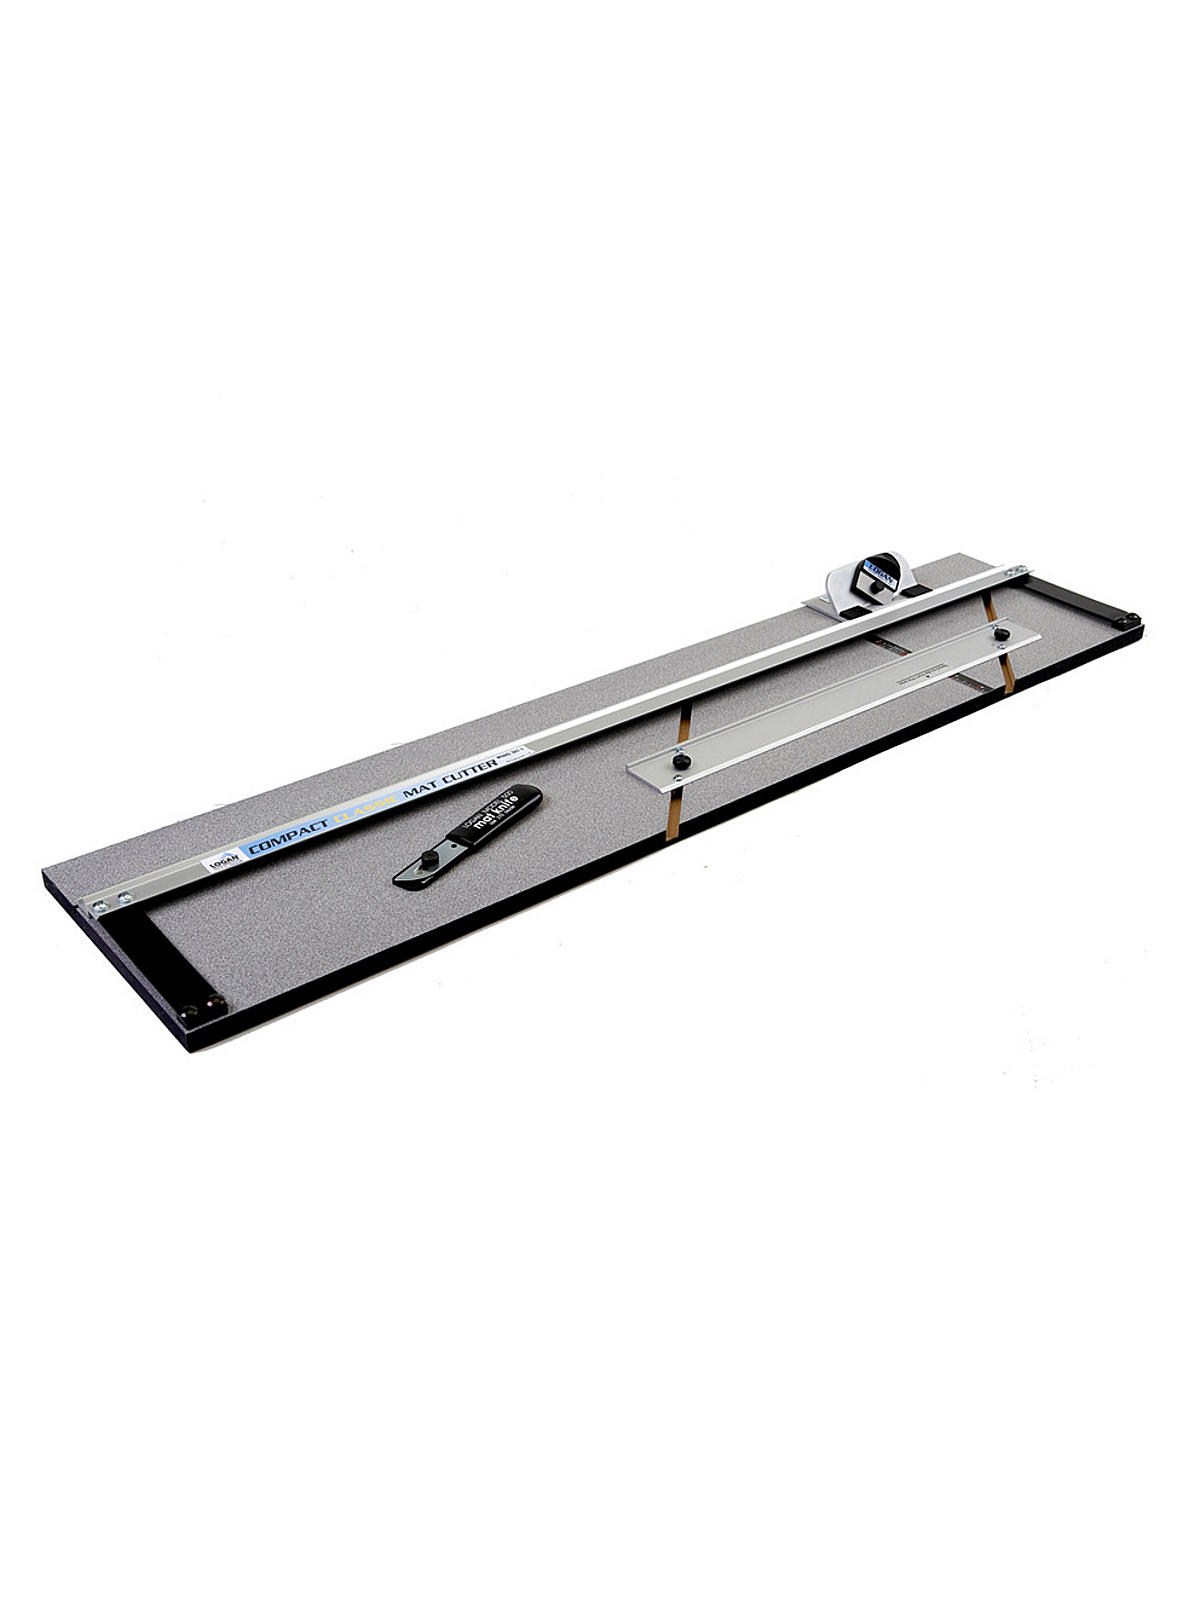 Compact Mat Cutter